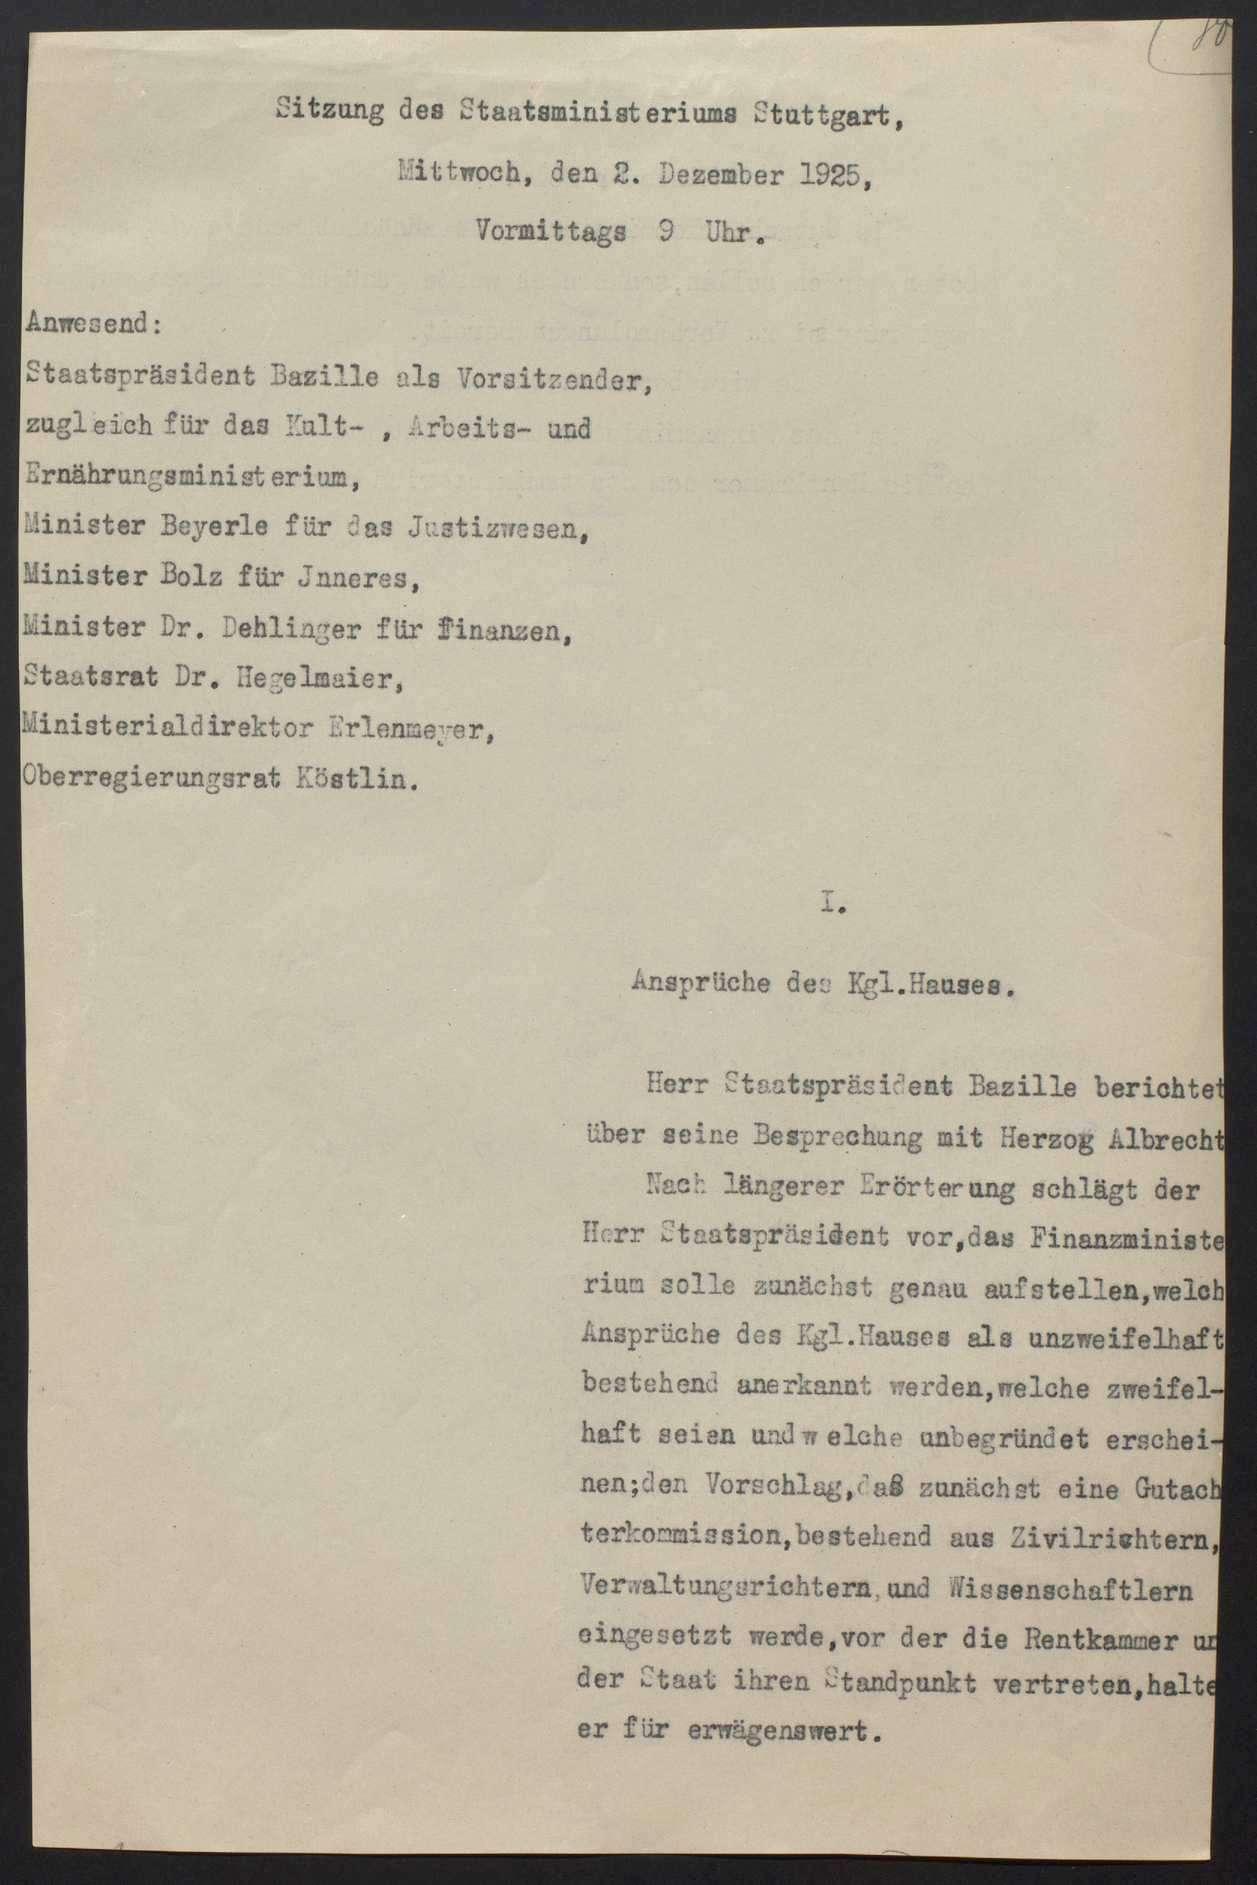 Vermögensauseinandersetzung zwischen dem württembergischen Staat und dem Haus Württemberg, Bild 3